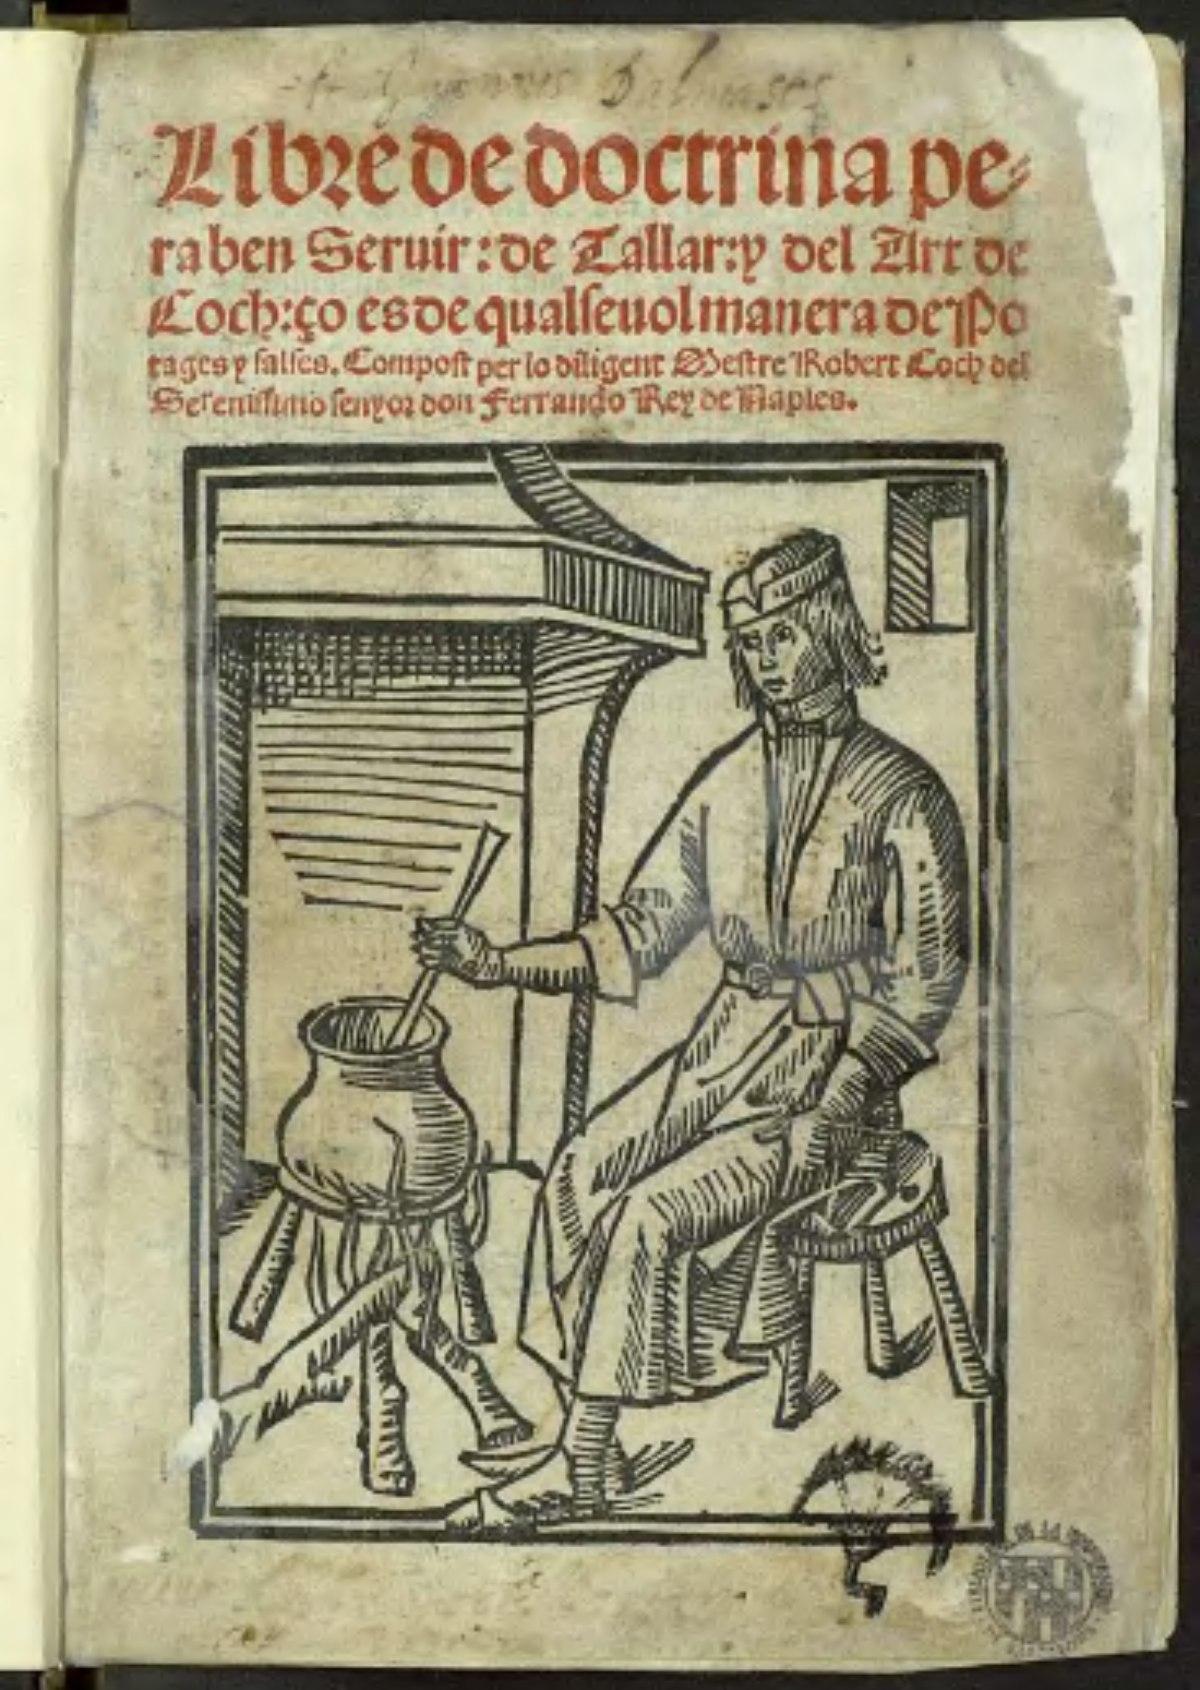 Llibre de Coch  Wikipedia la enciclopedia libre